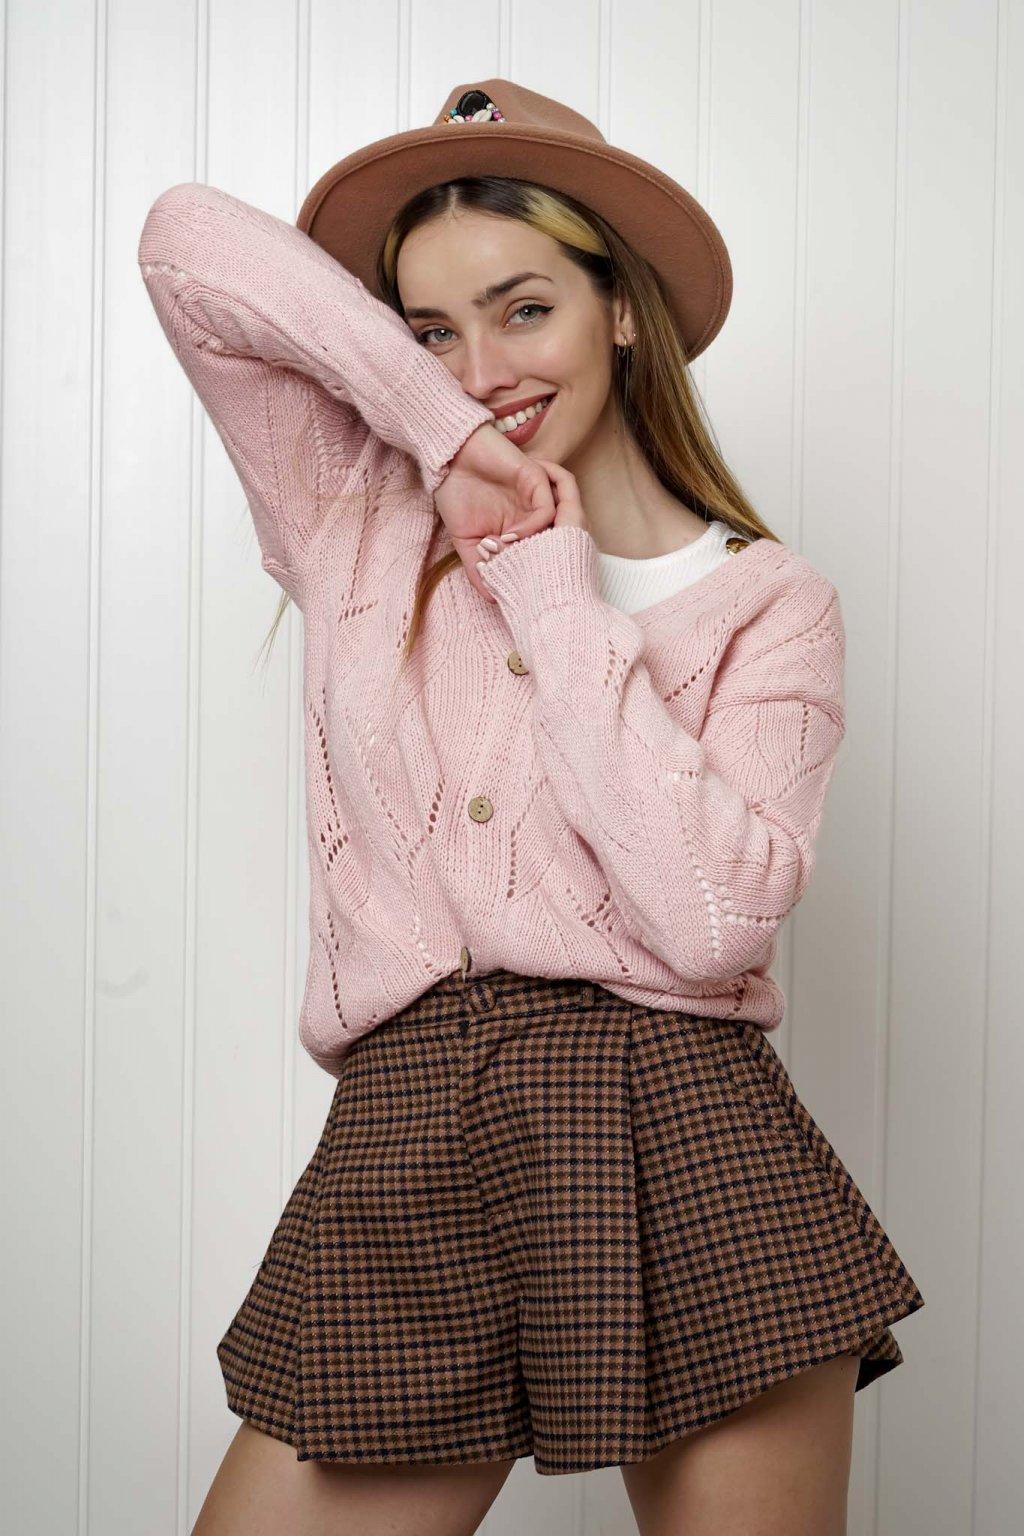 sveter, svetrík, sveter dámsky, úplet, úpletový sveter, jednoduchý sveter, v výstríh, štýlový, chlpatý,vzorovaný, srdiečkový, čierny, biely, farebný, 166